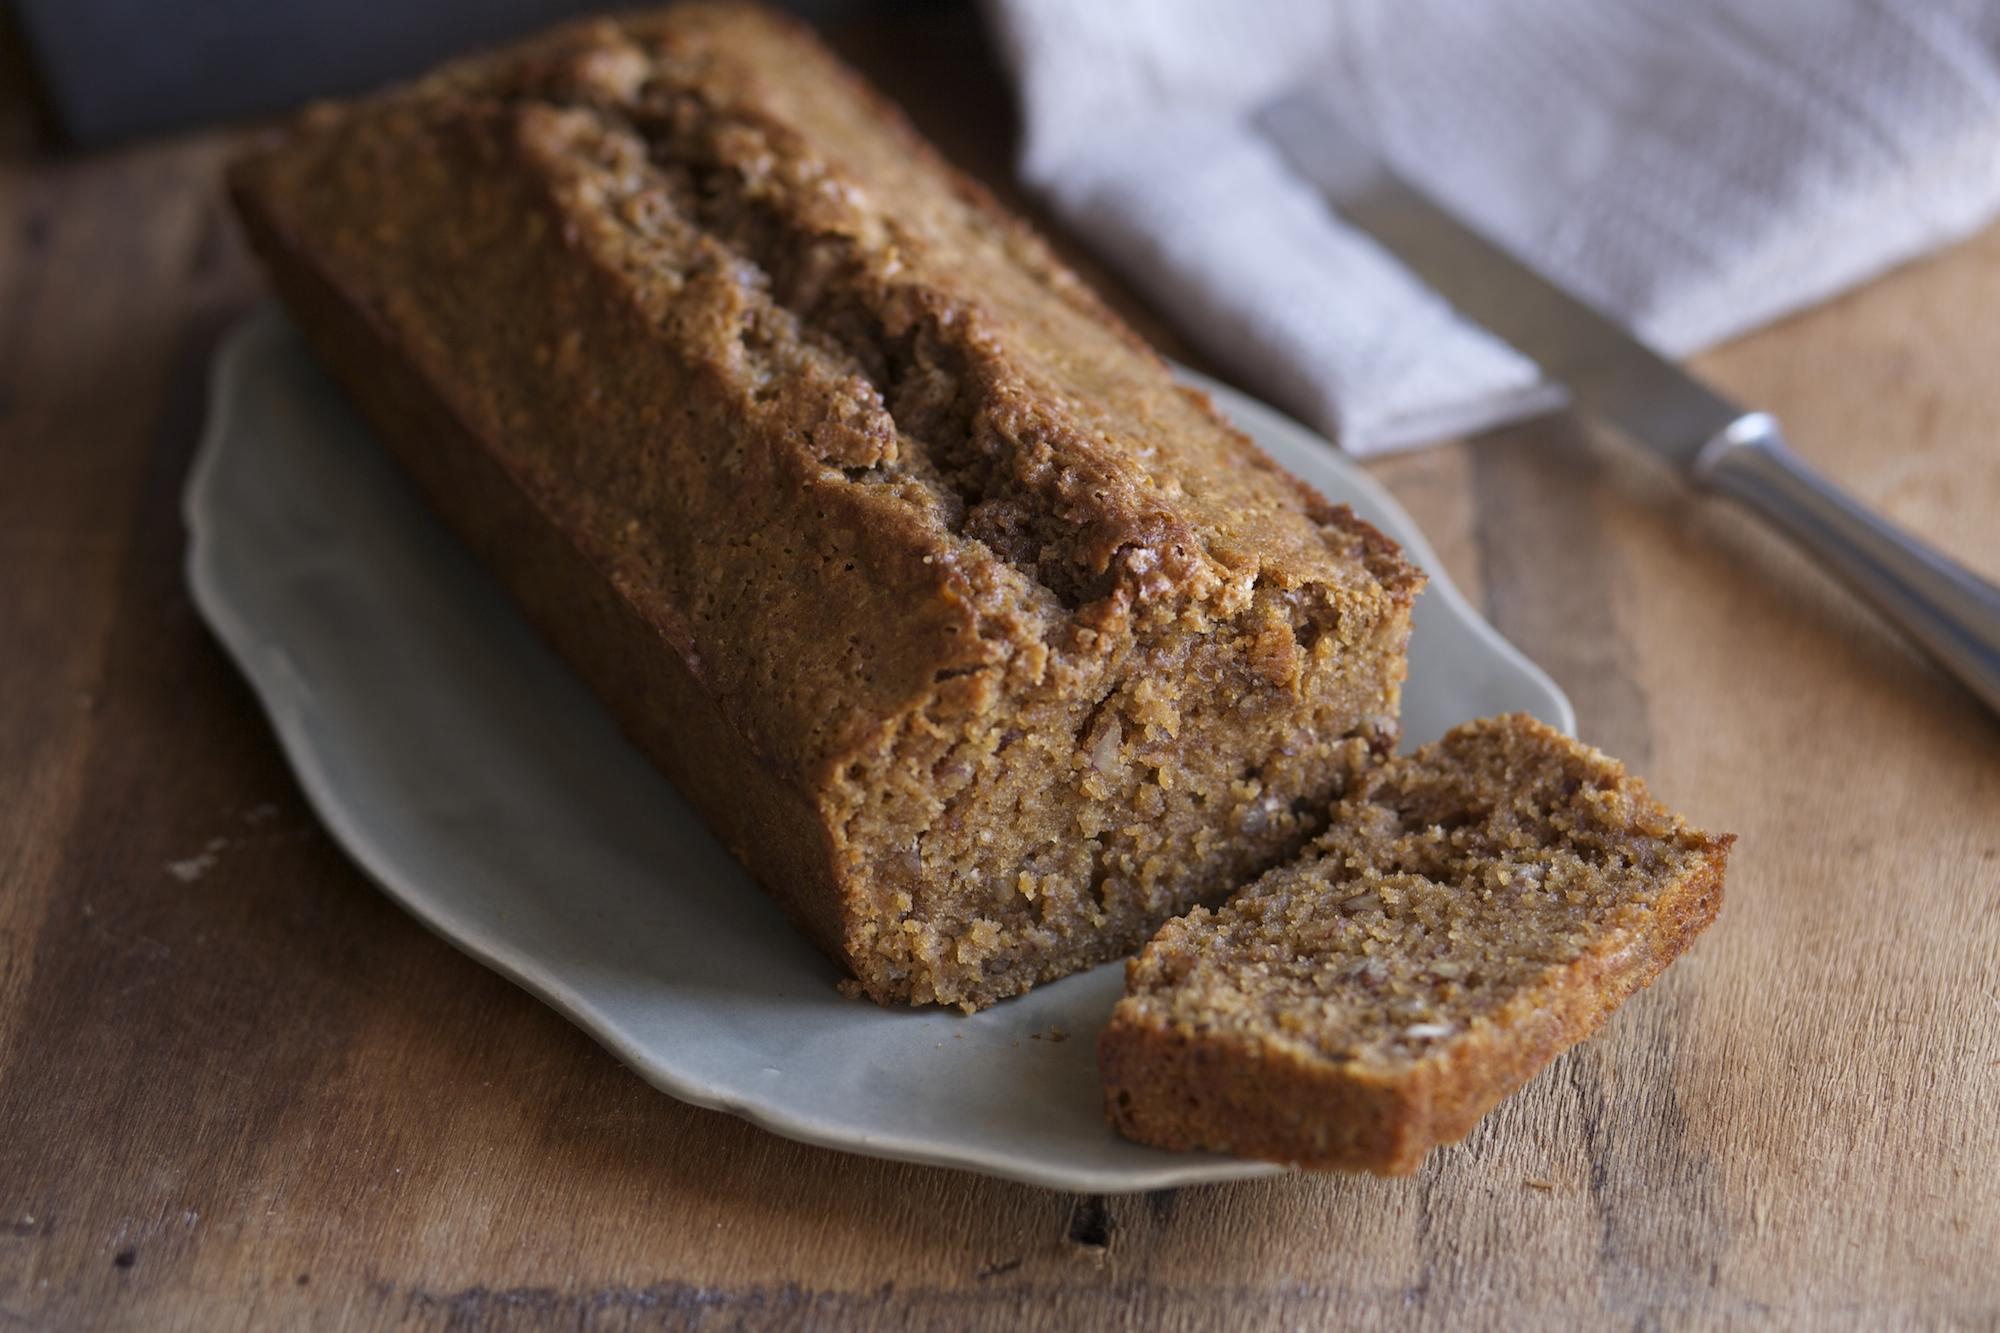 עוגה בחושה קפה ואגוזי פקאן קרן אגם נשואה למאפייה